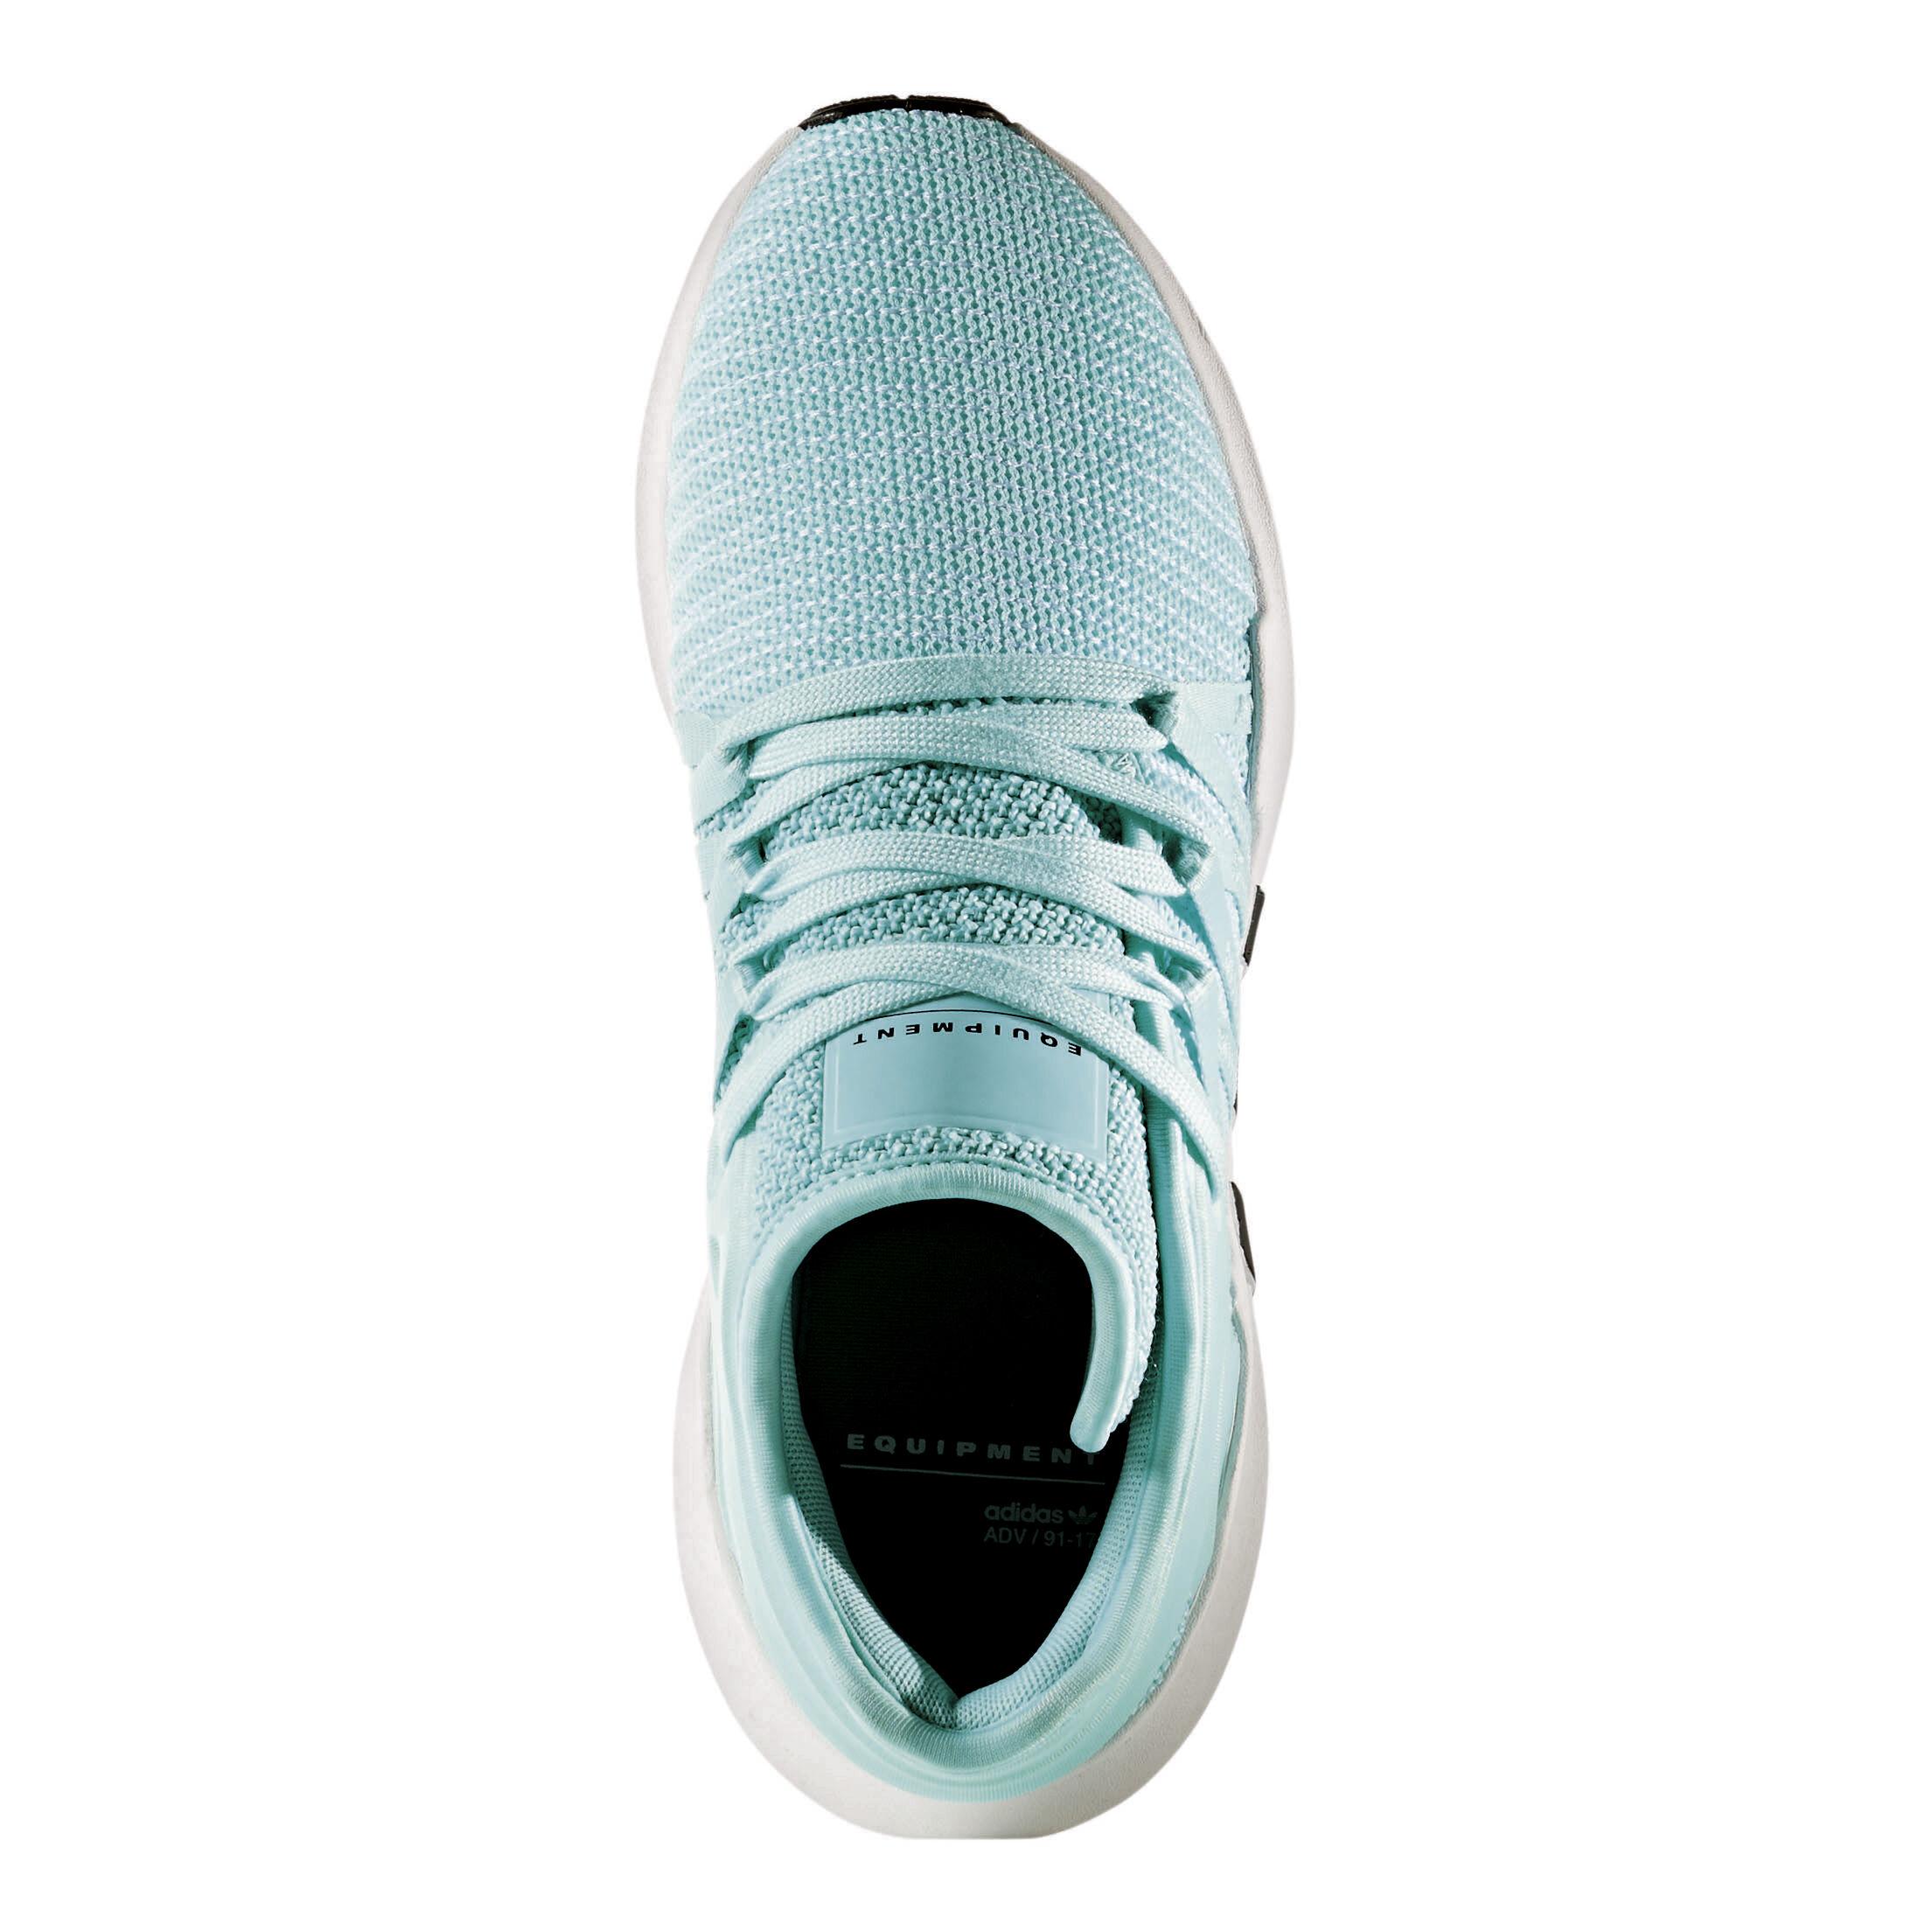 adidas Laufschuhe Ultra Boost 19 US13, Eur48